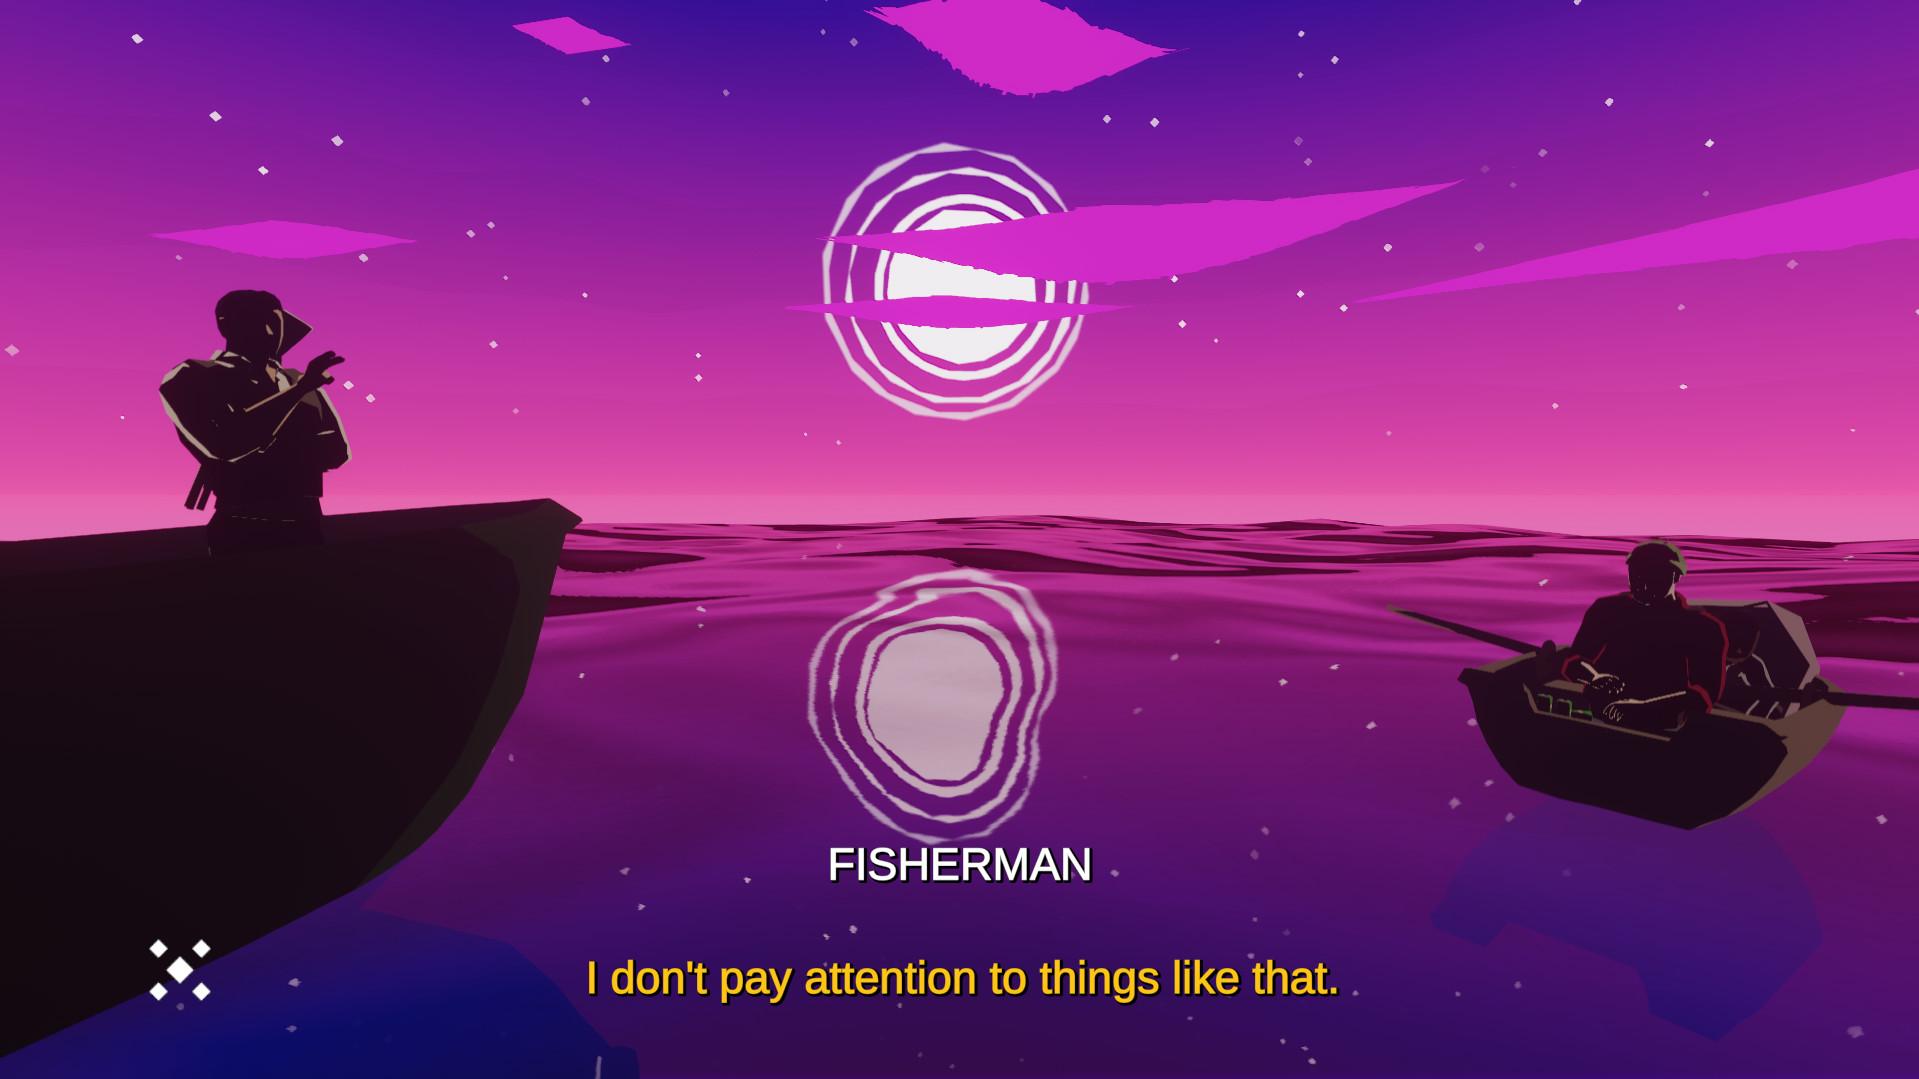 夜间渔夫图片